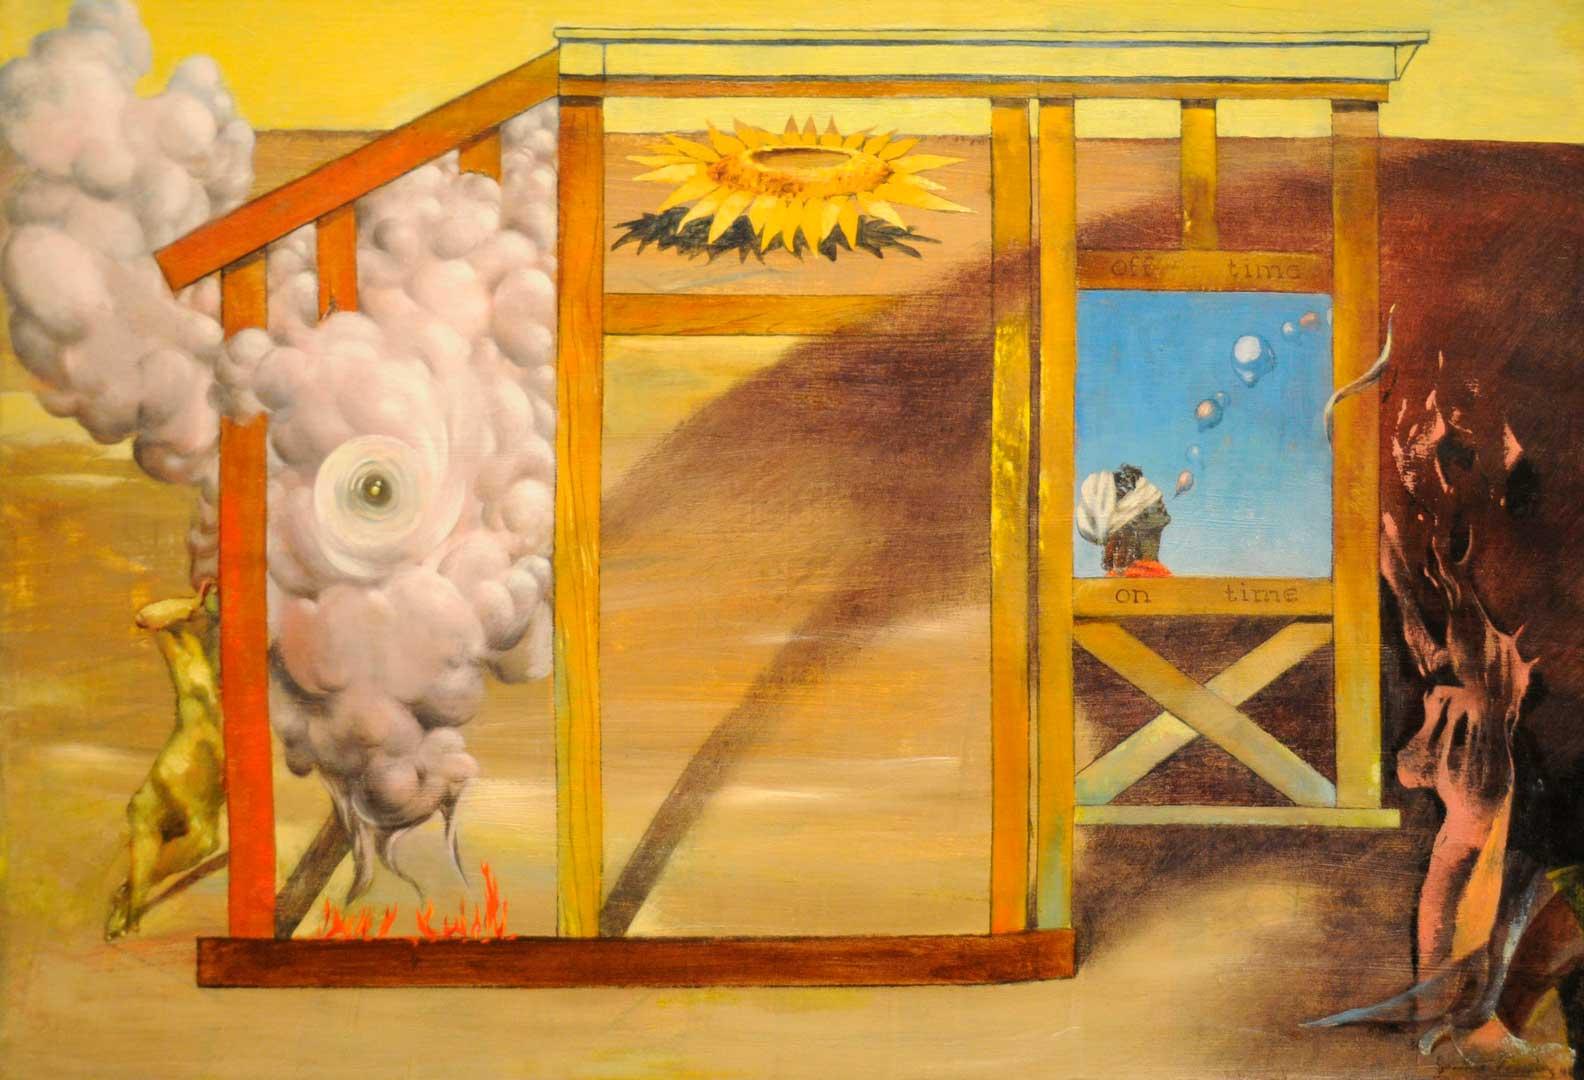 On Time Off Time - En tiempo sin tiempo - Cuadro Surrealista pintado por Dorothea Tanning en 1948 - Óleo sobre Lienzo 27 x 41 cm